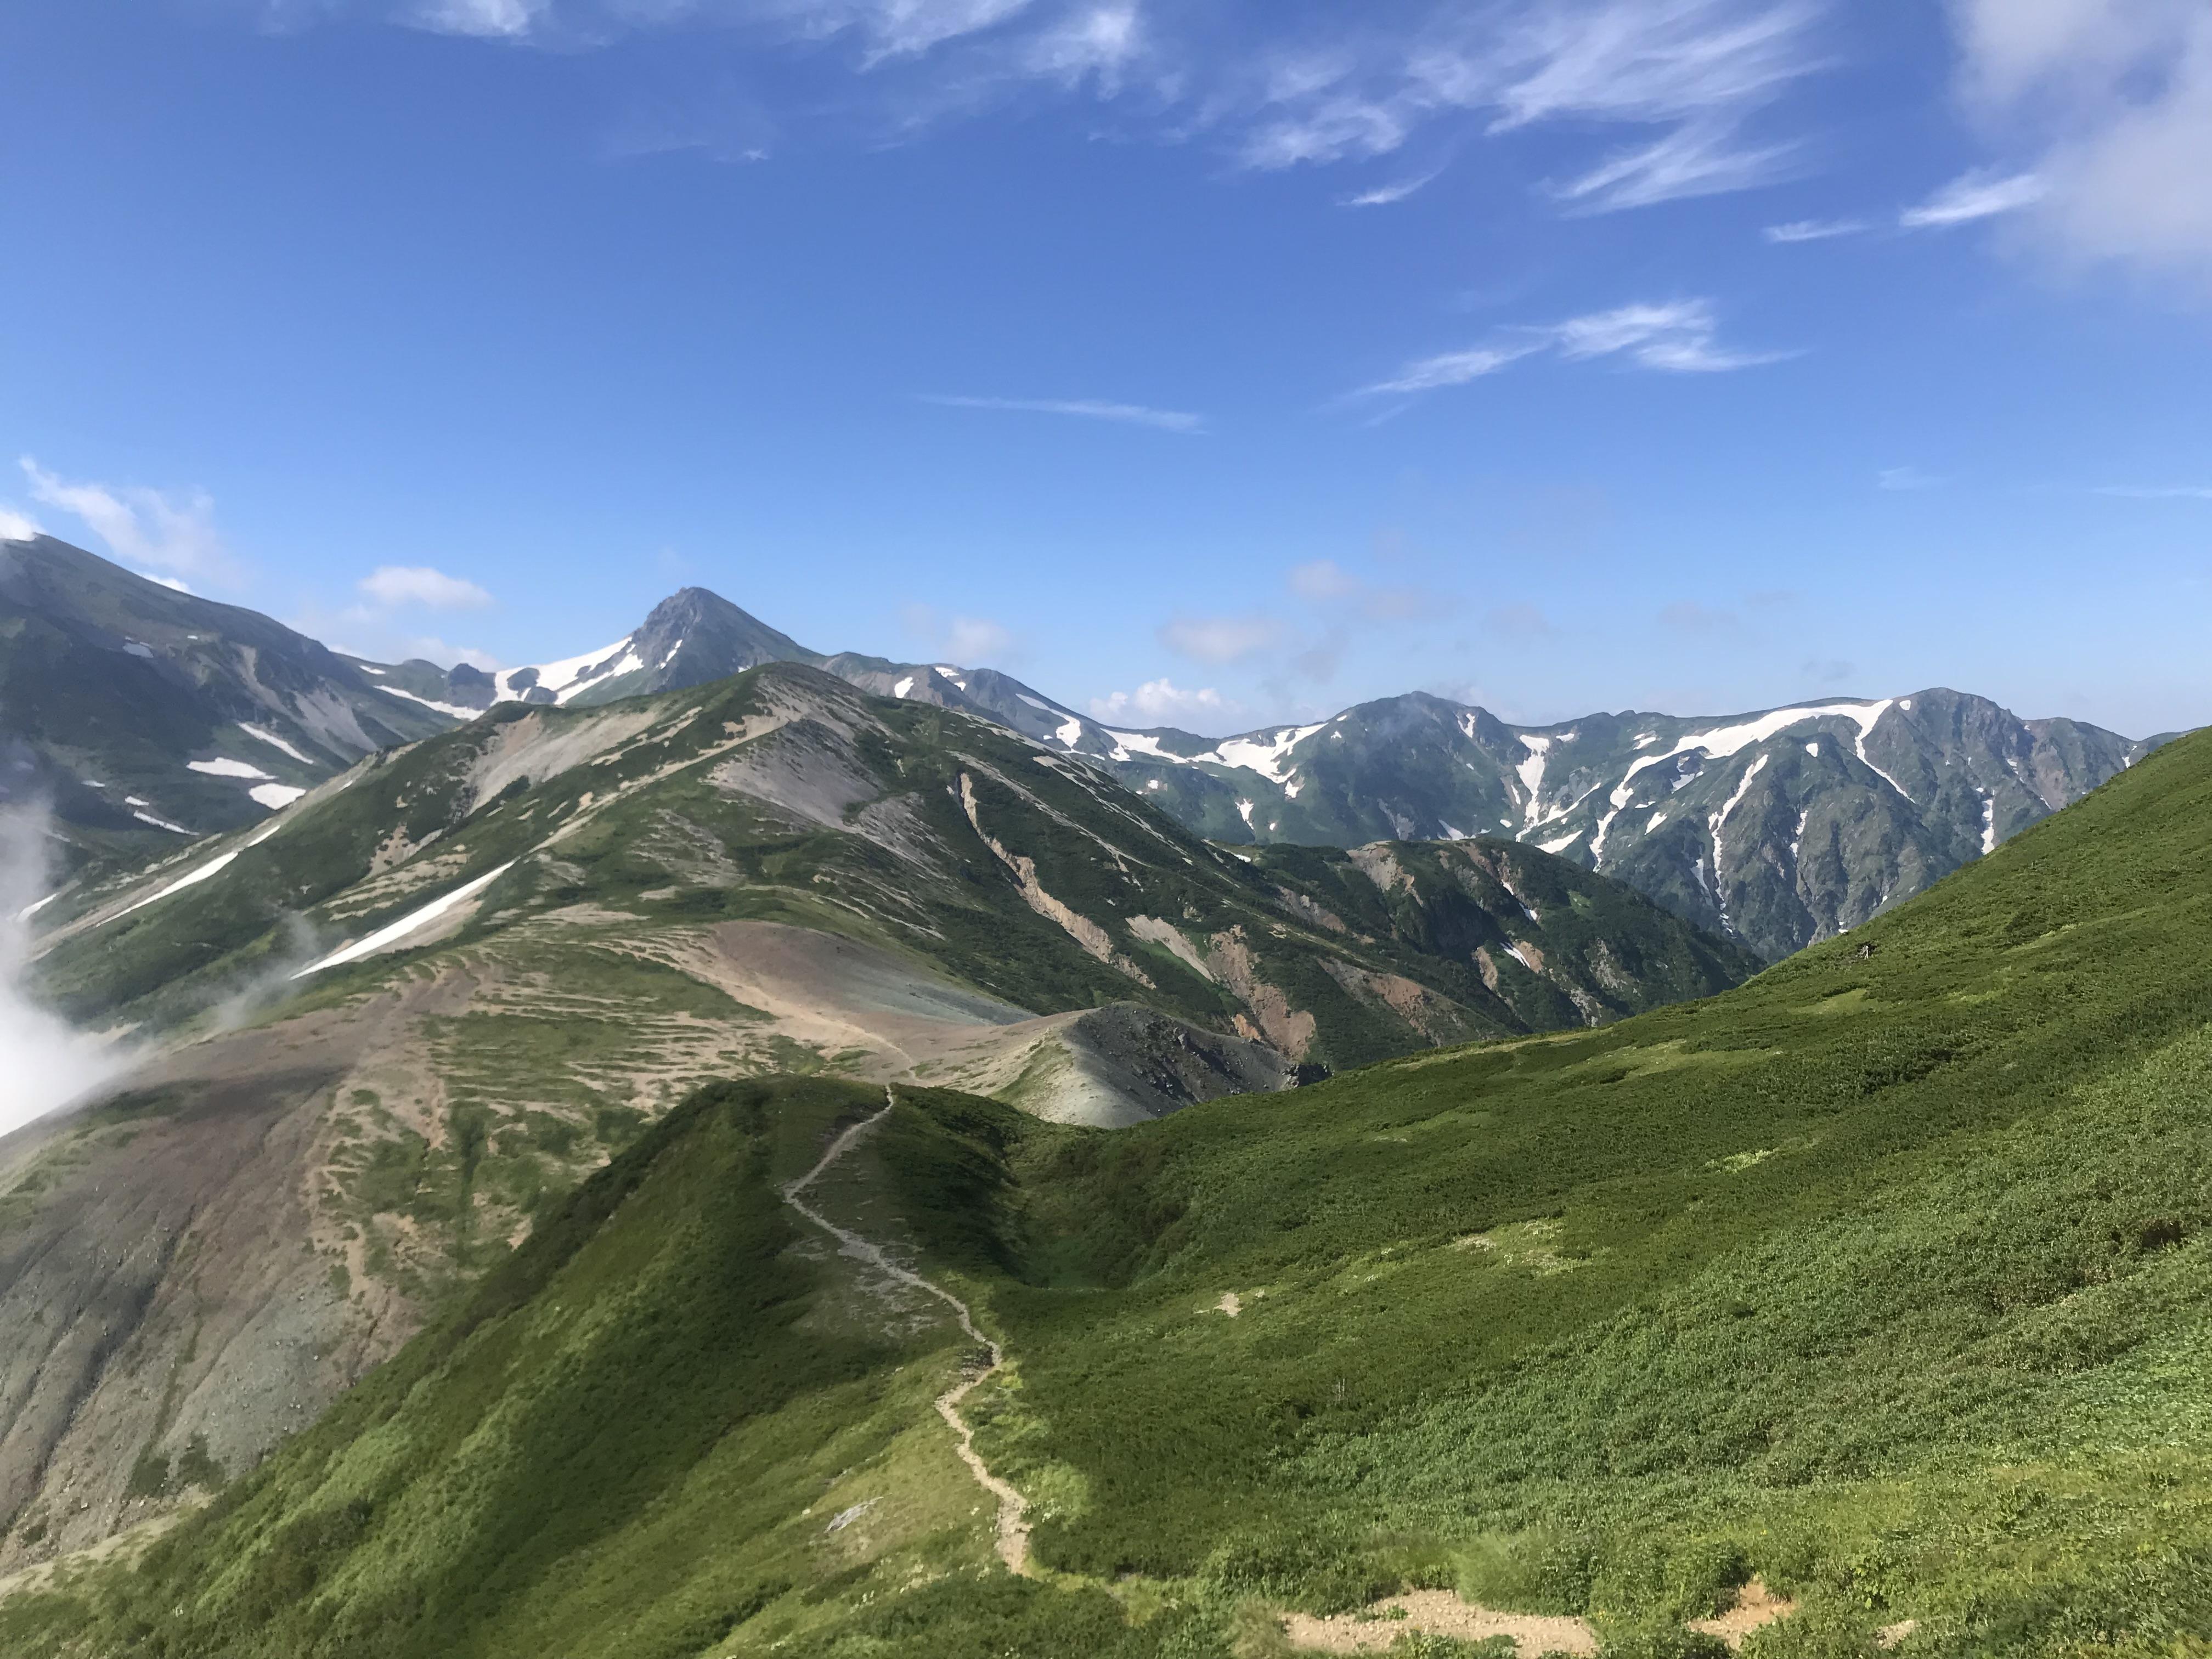 『白馬岳〜雪倉岳〜朝日岳』 – 安曇野・登山基地